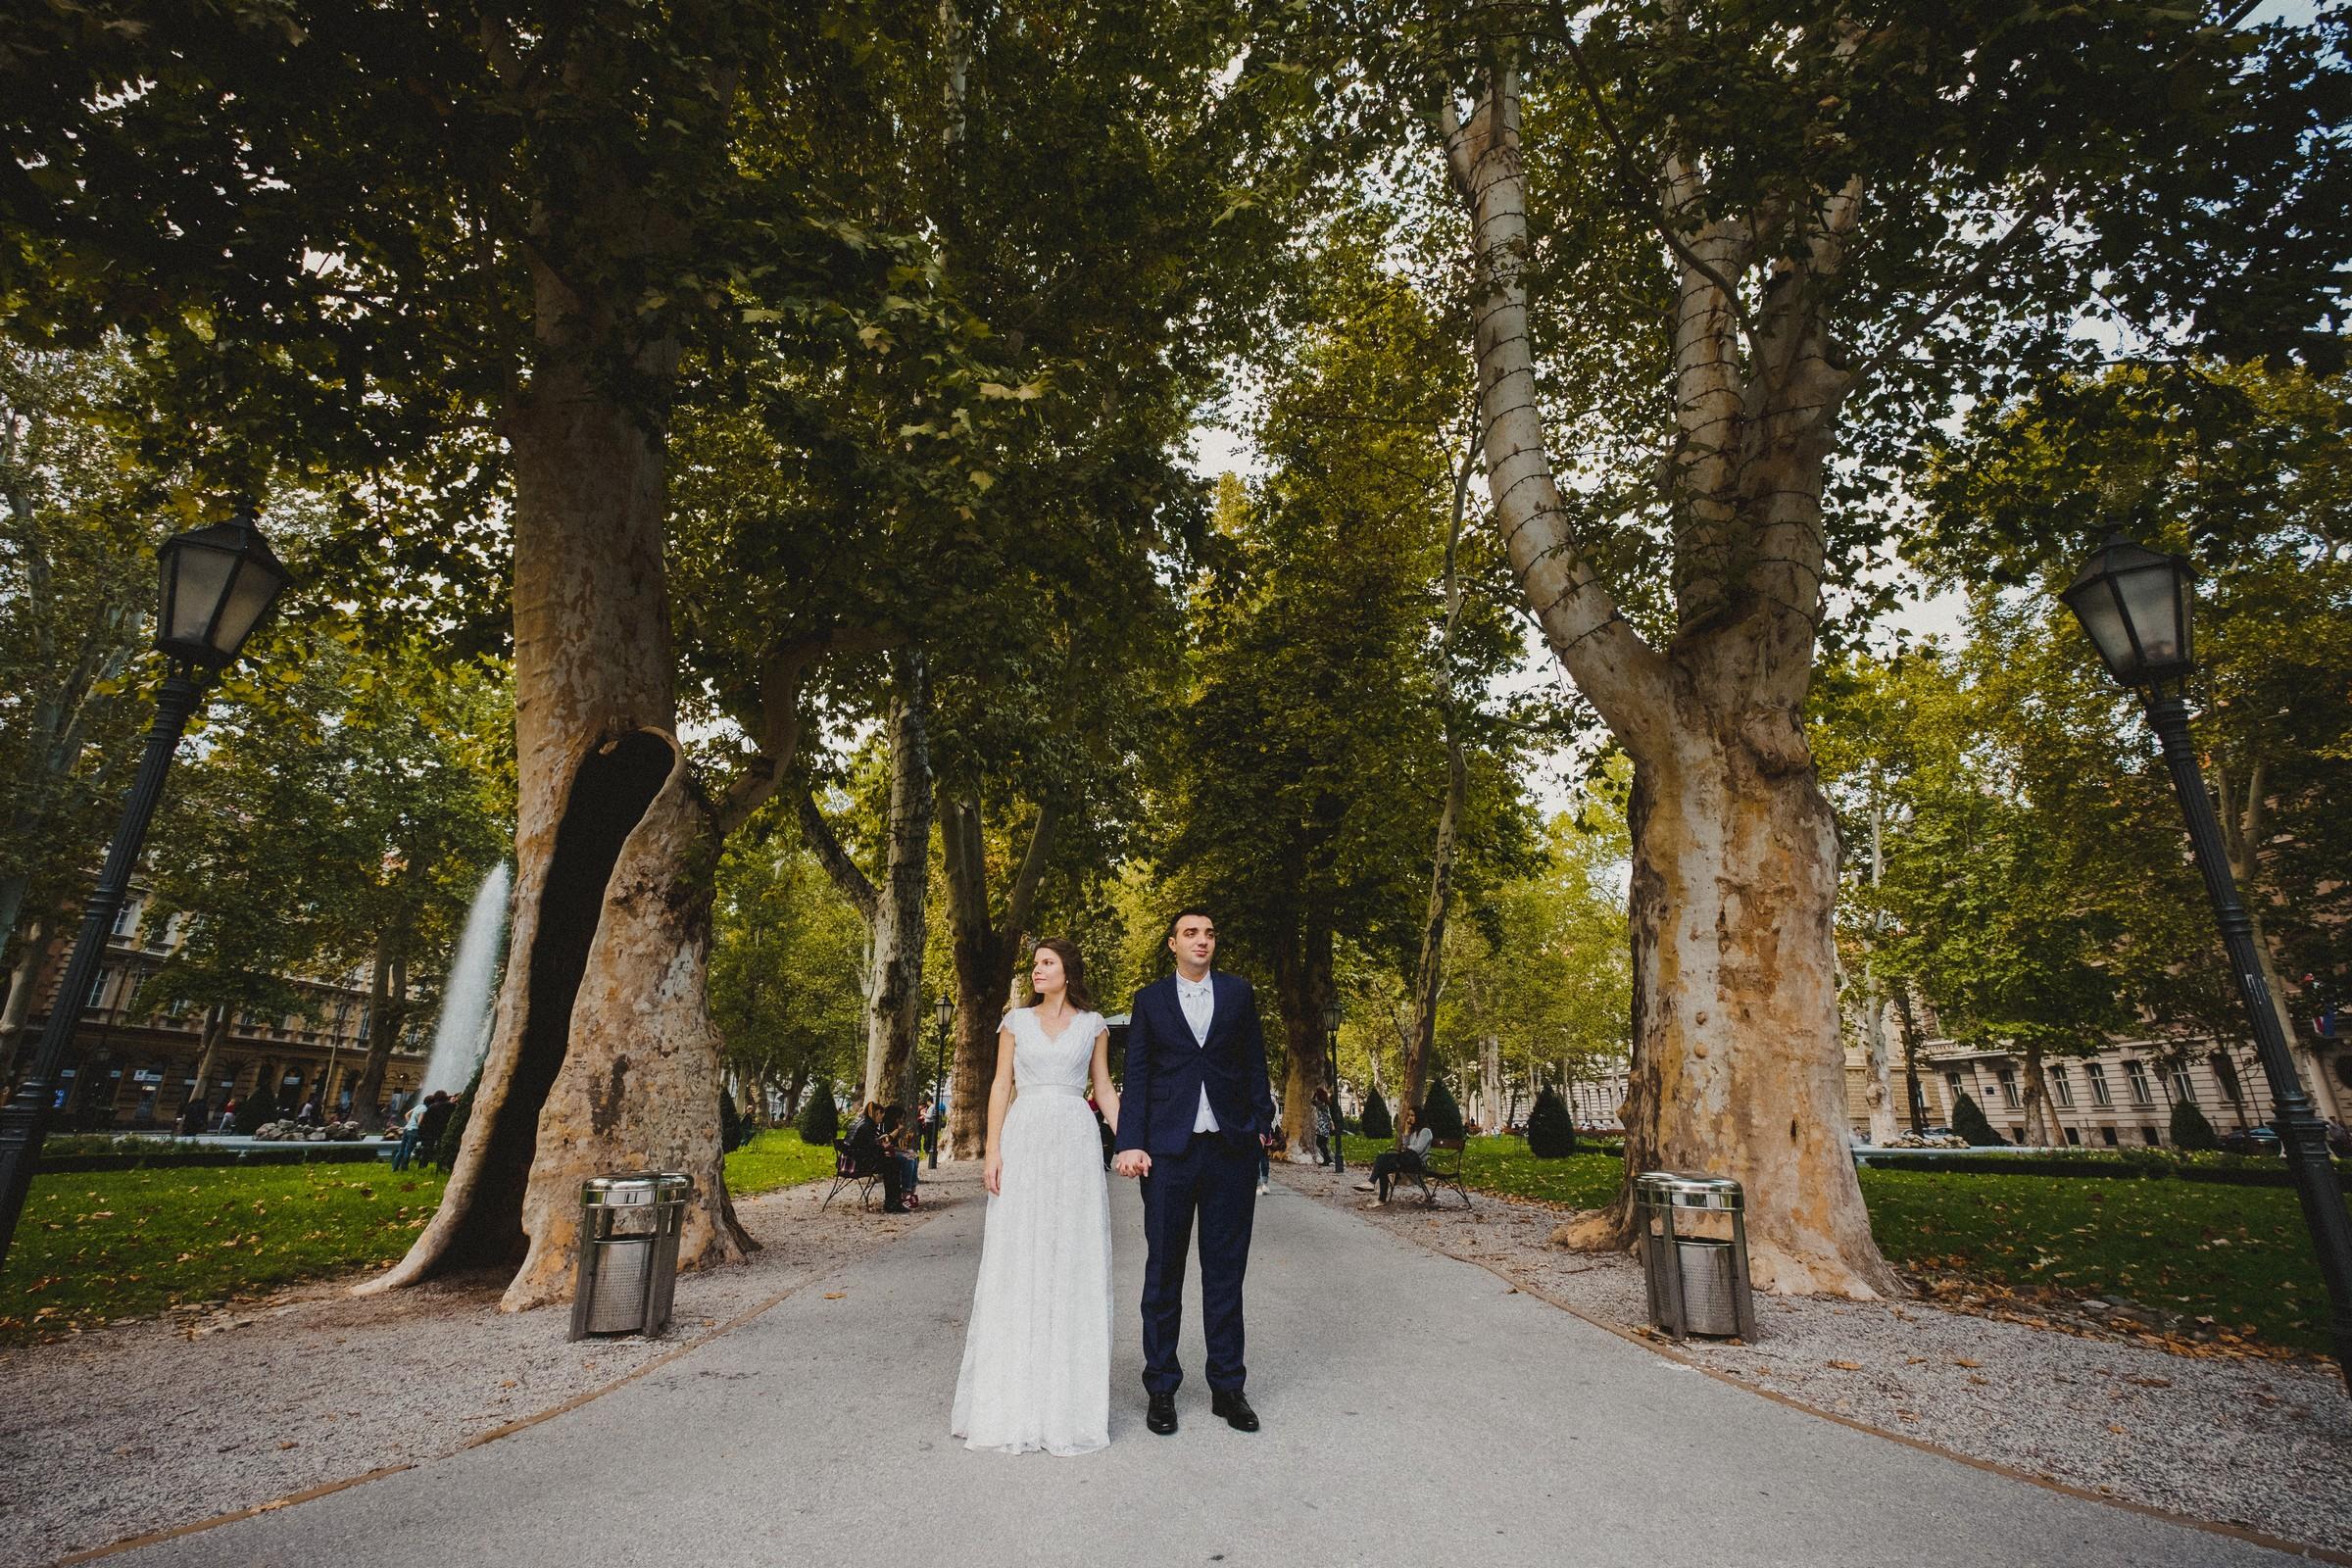 couple holding hands in zrinjevac park in zagreb, croatia